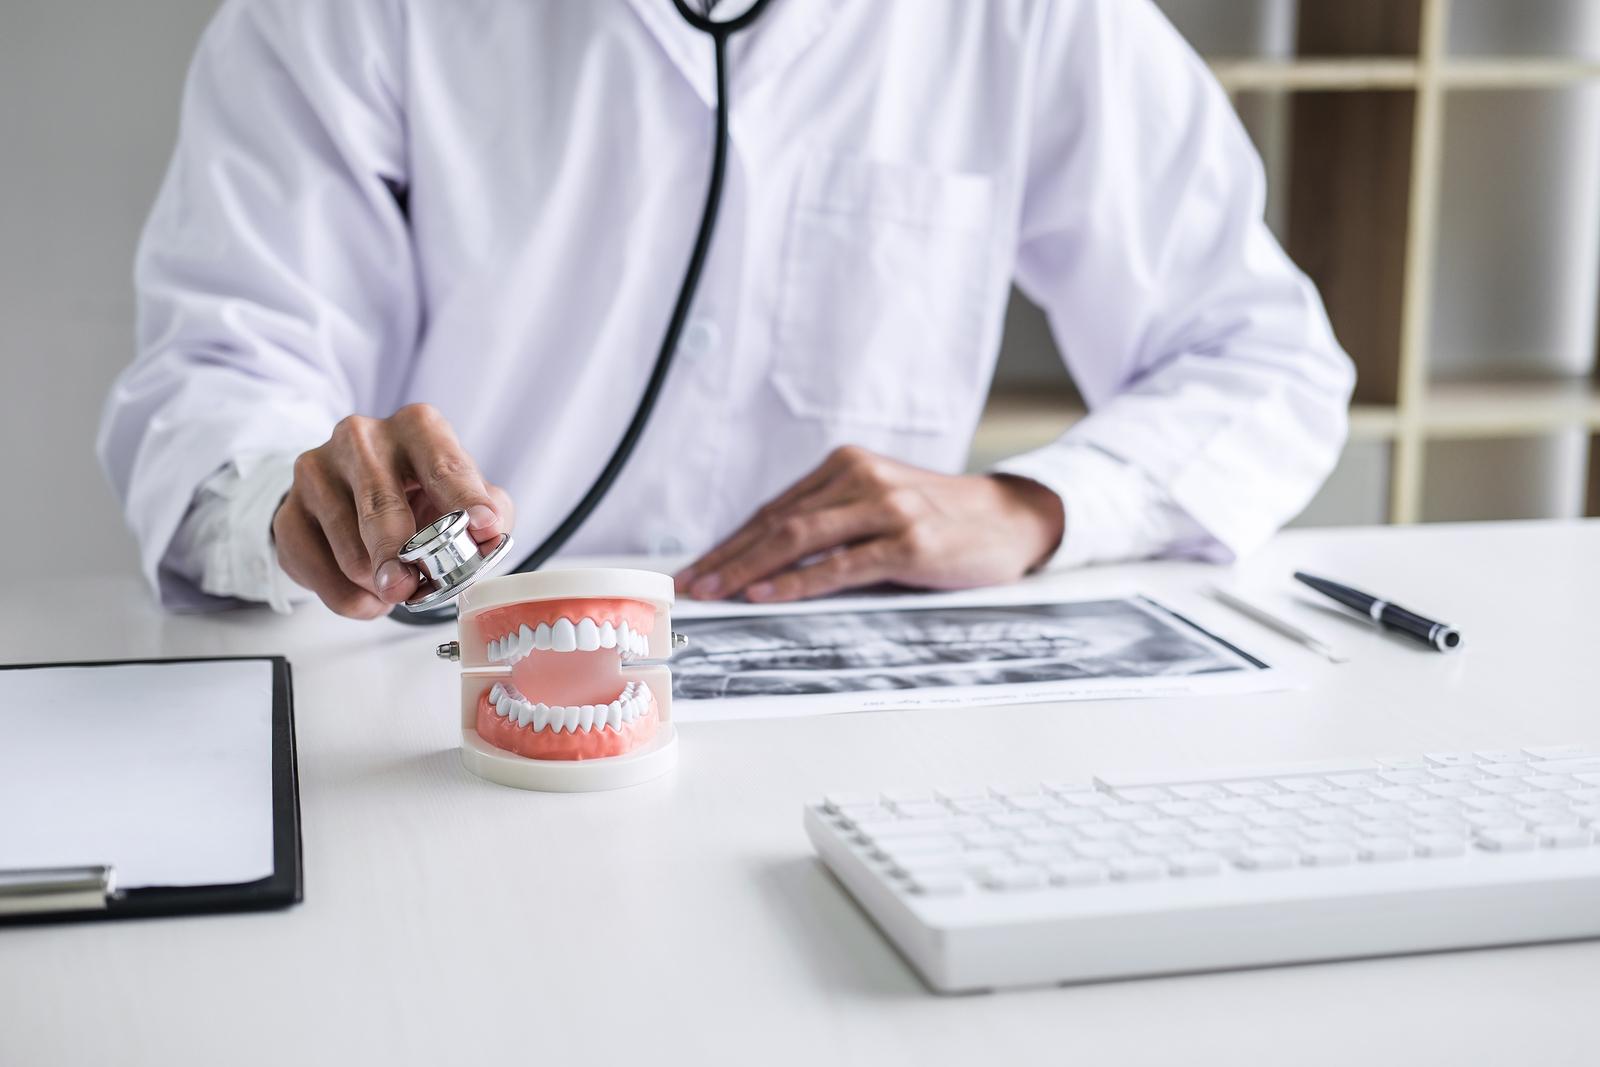 Offene Forderung Zahnarzthonorar bei Schmerzensgeldforderung an Zahnarzt